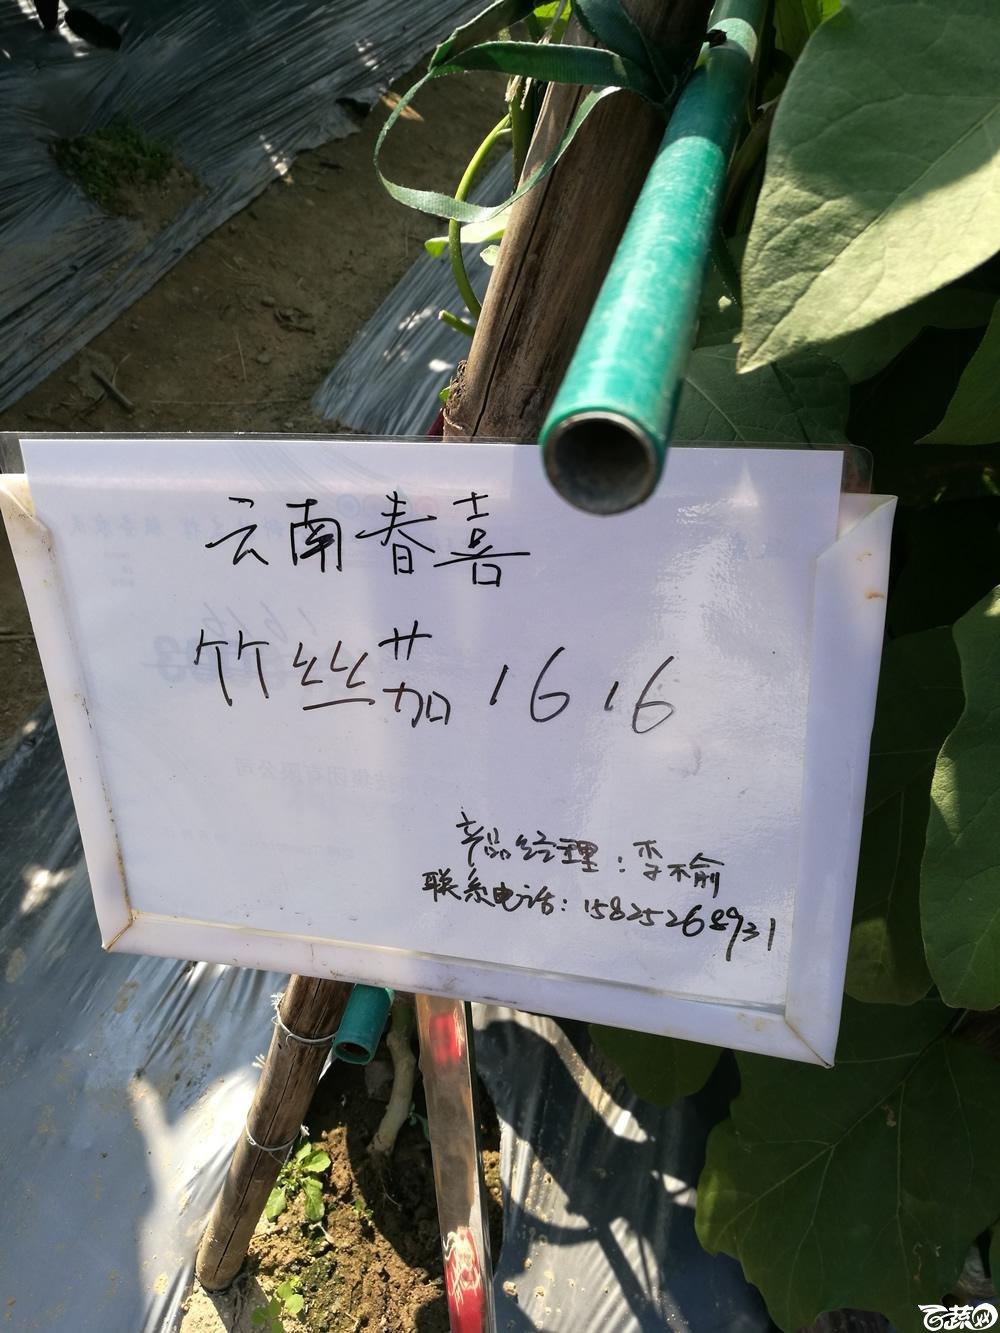 2016年15届广东种博会,云南春喜农业公司竹丝茄1616_001.jpg